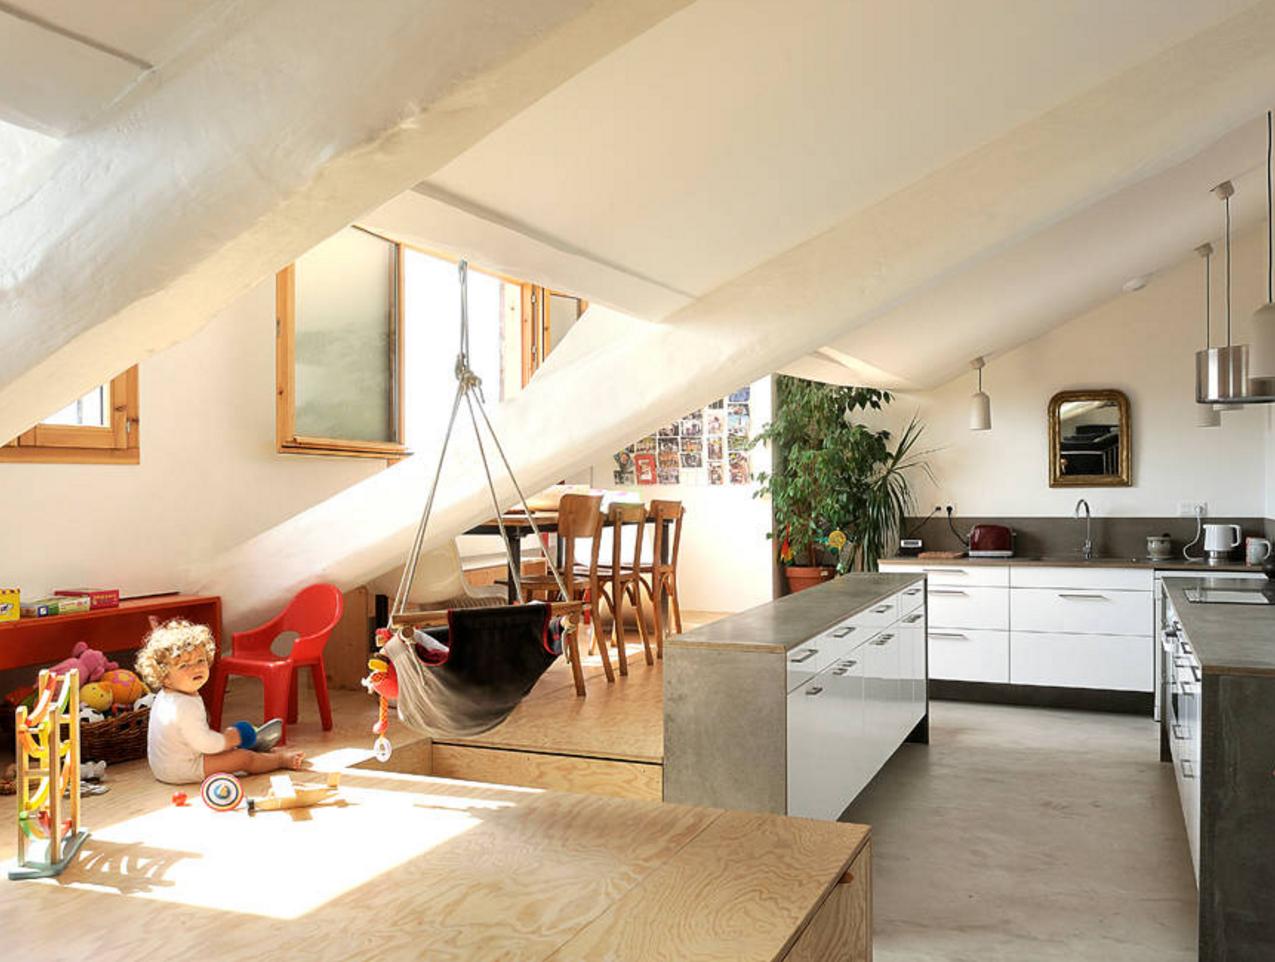 Idee per arredare una zona living a poco prezzo foto for Arredamento casa per disabili